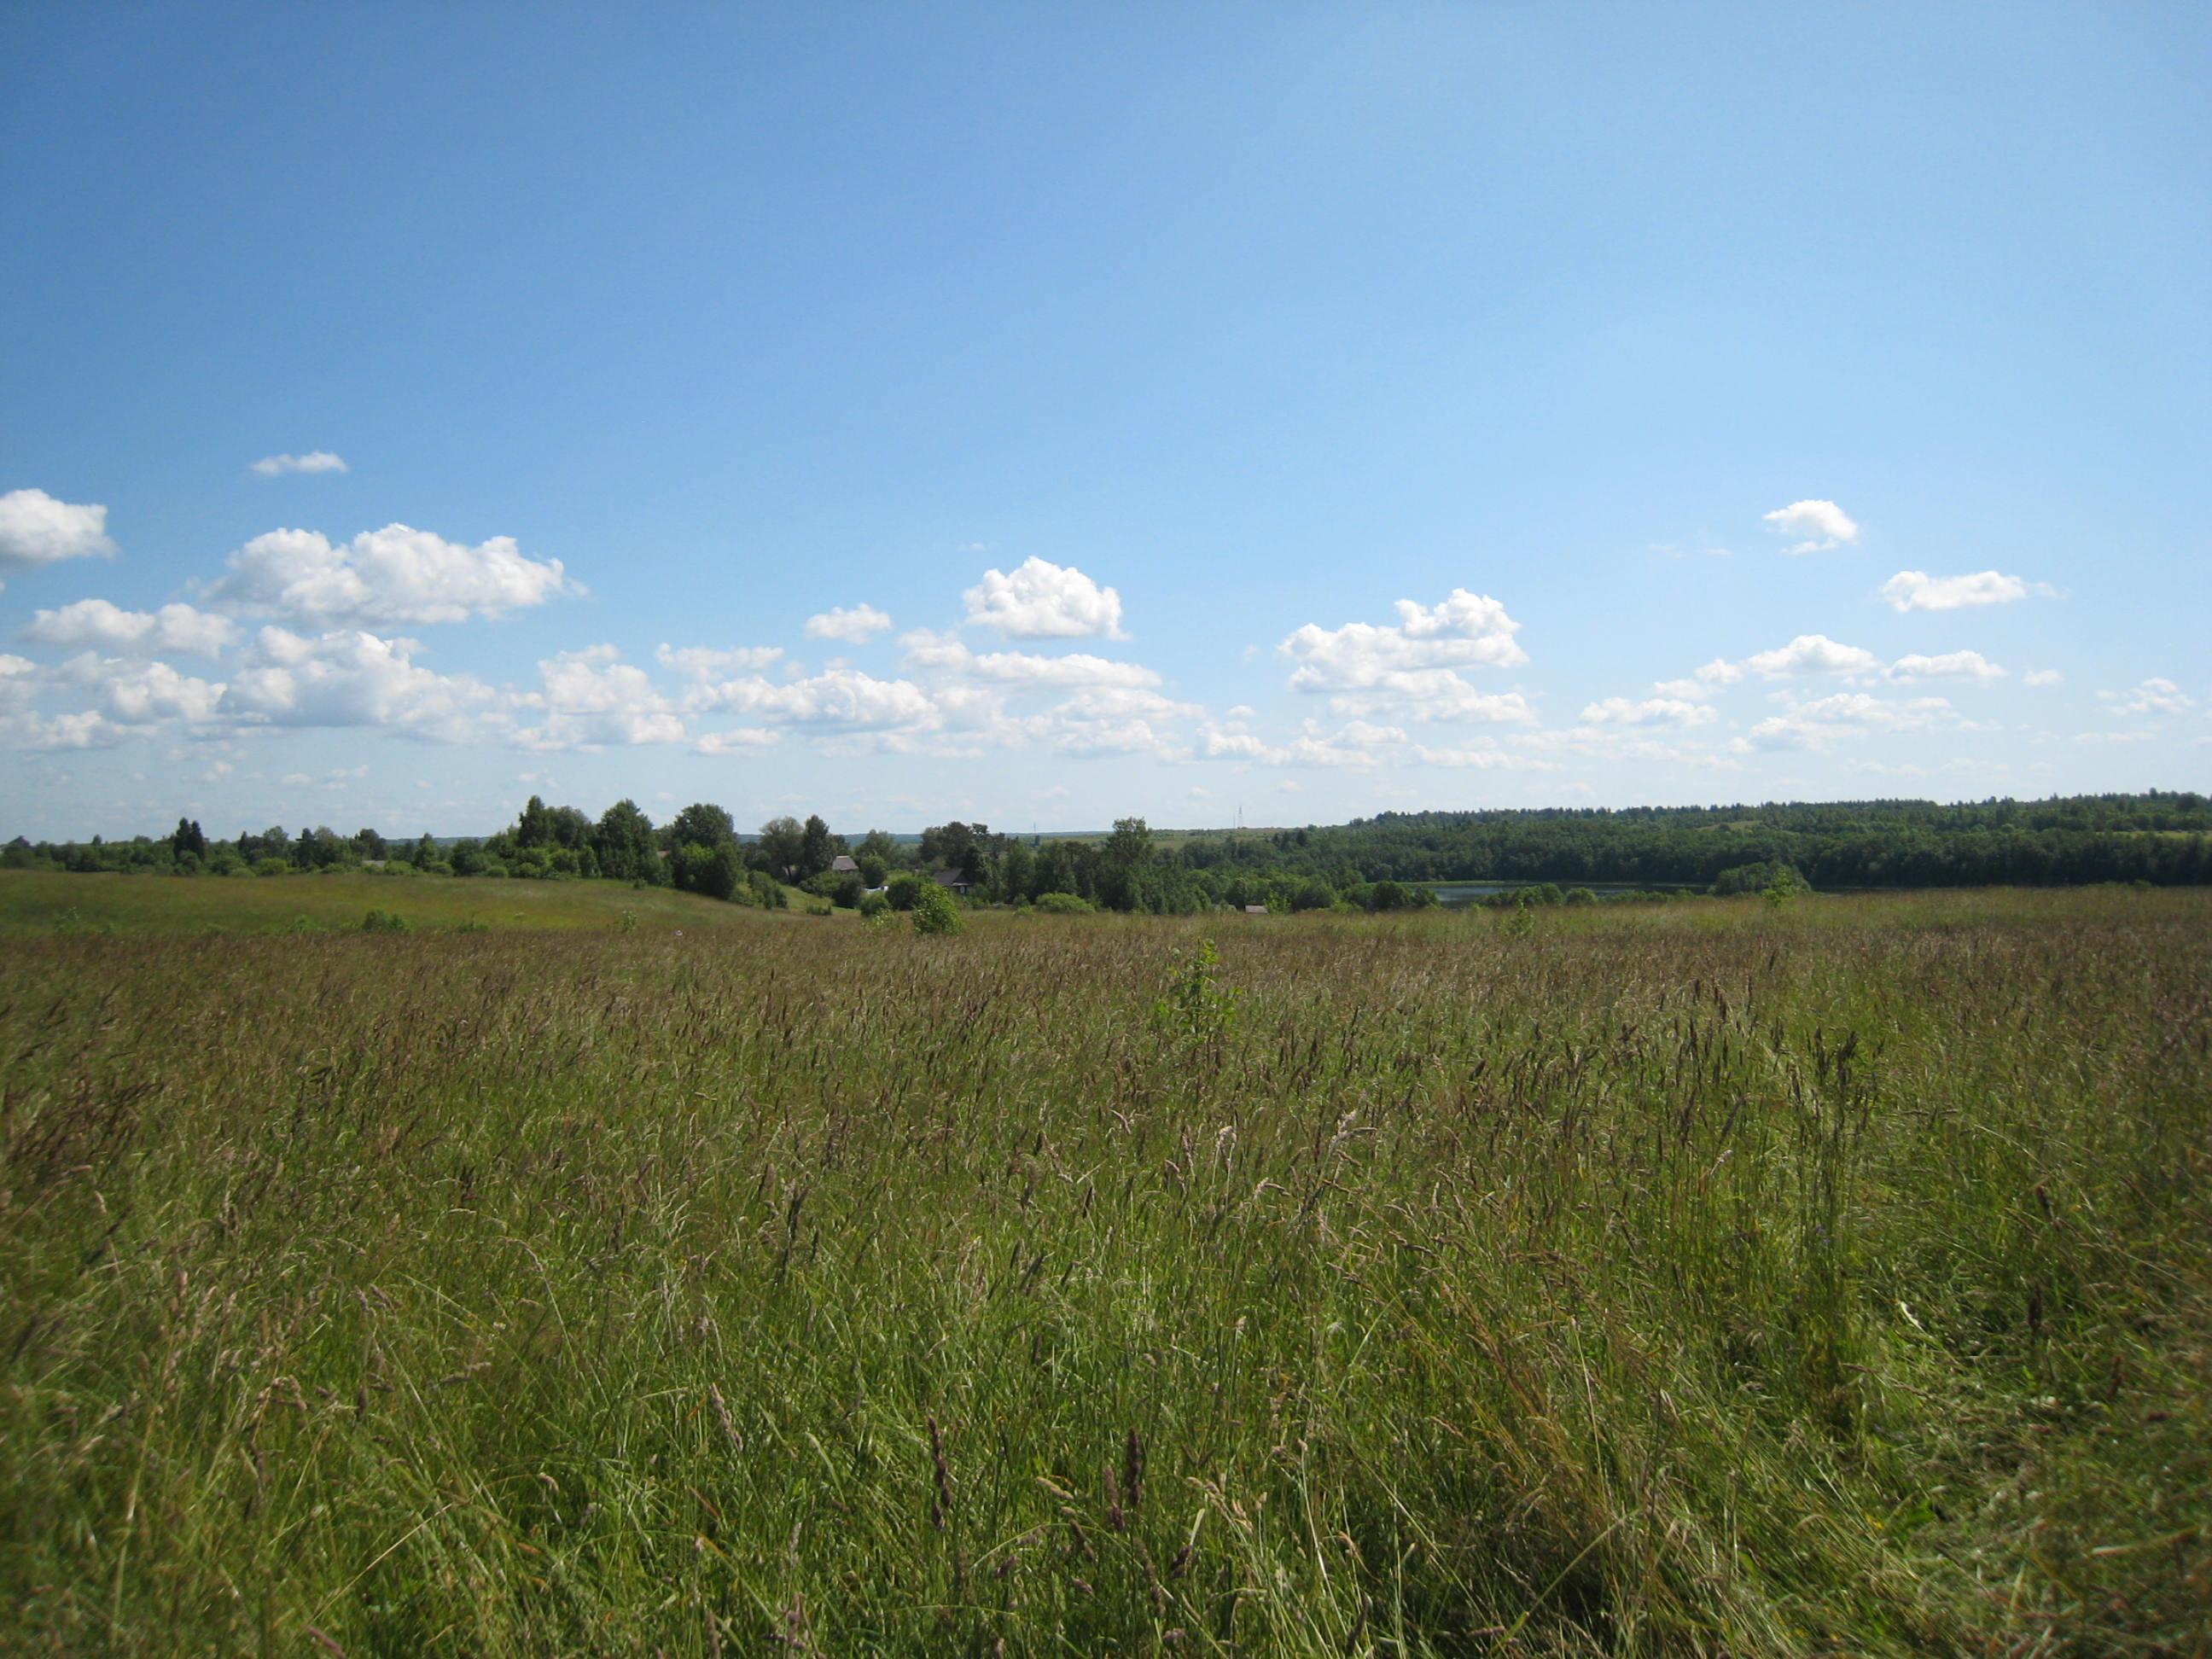 купить поле земли 1 гектар спб